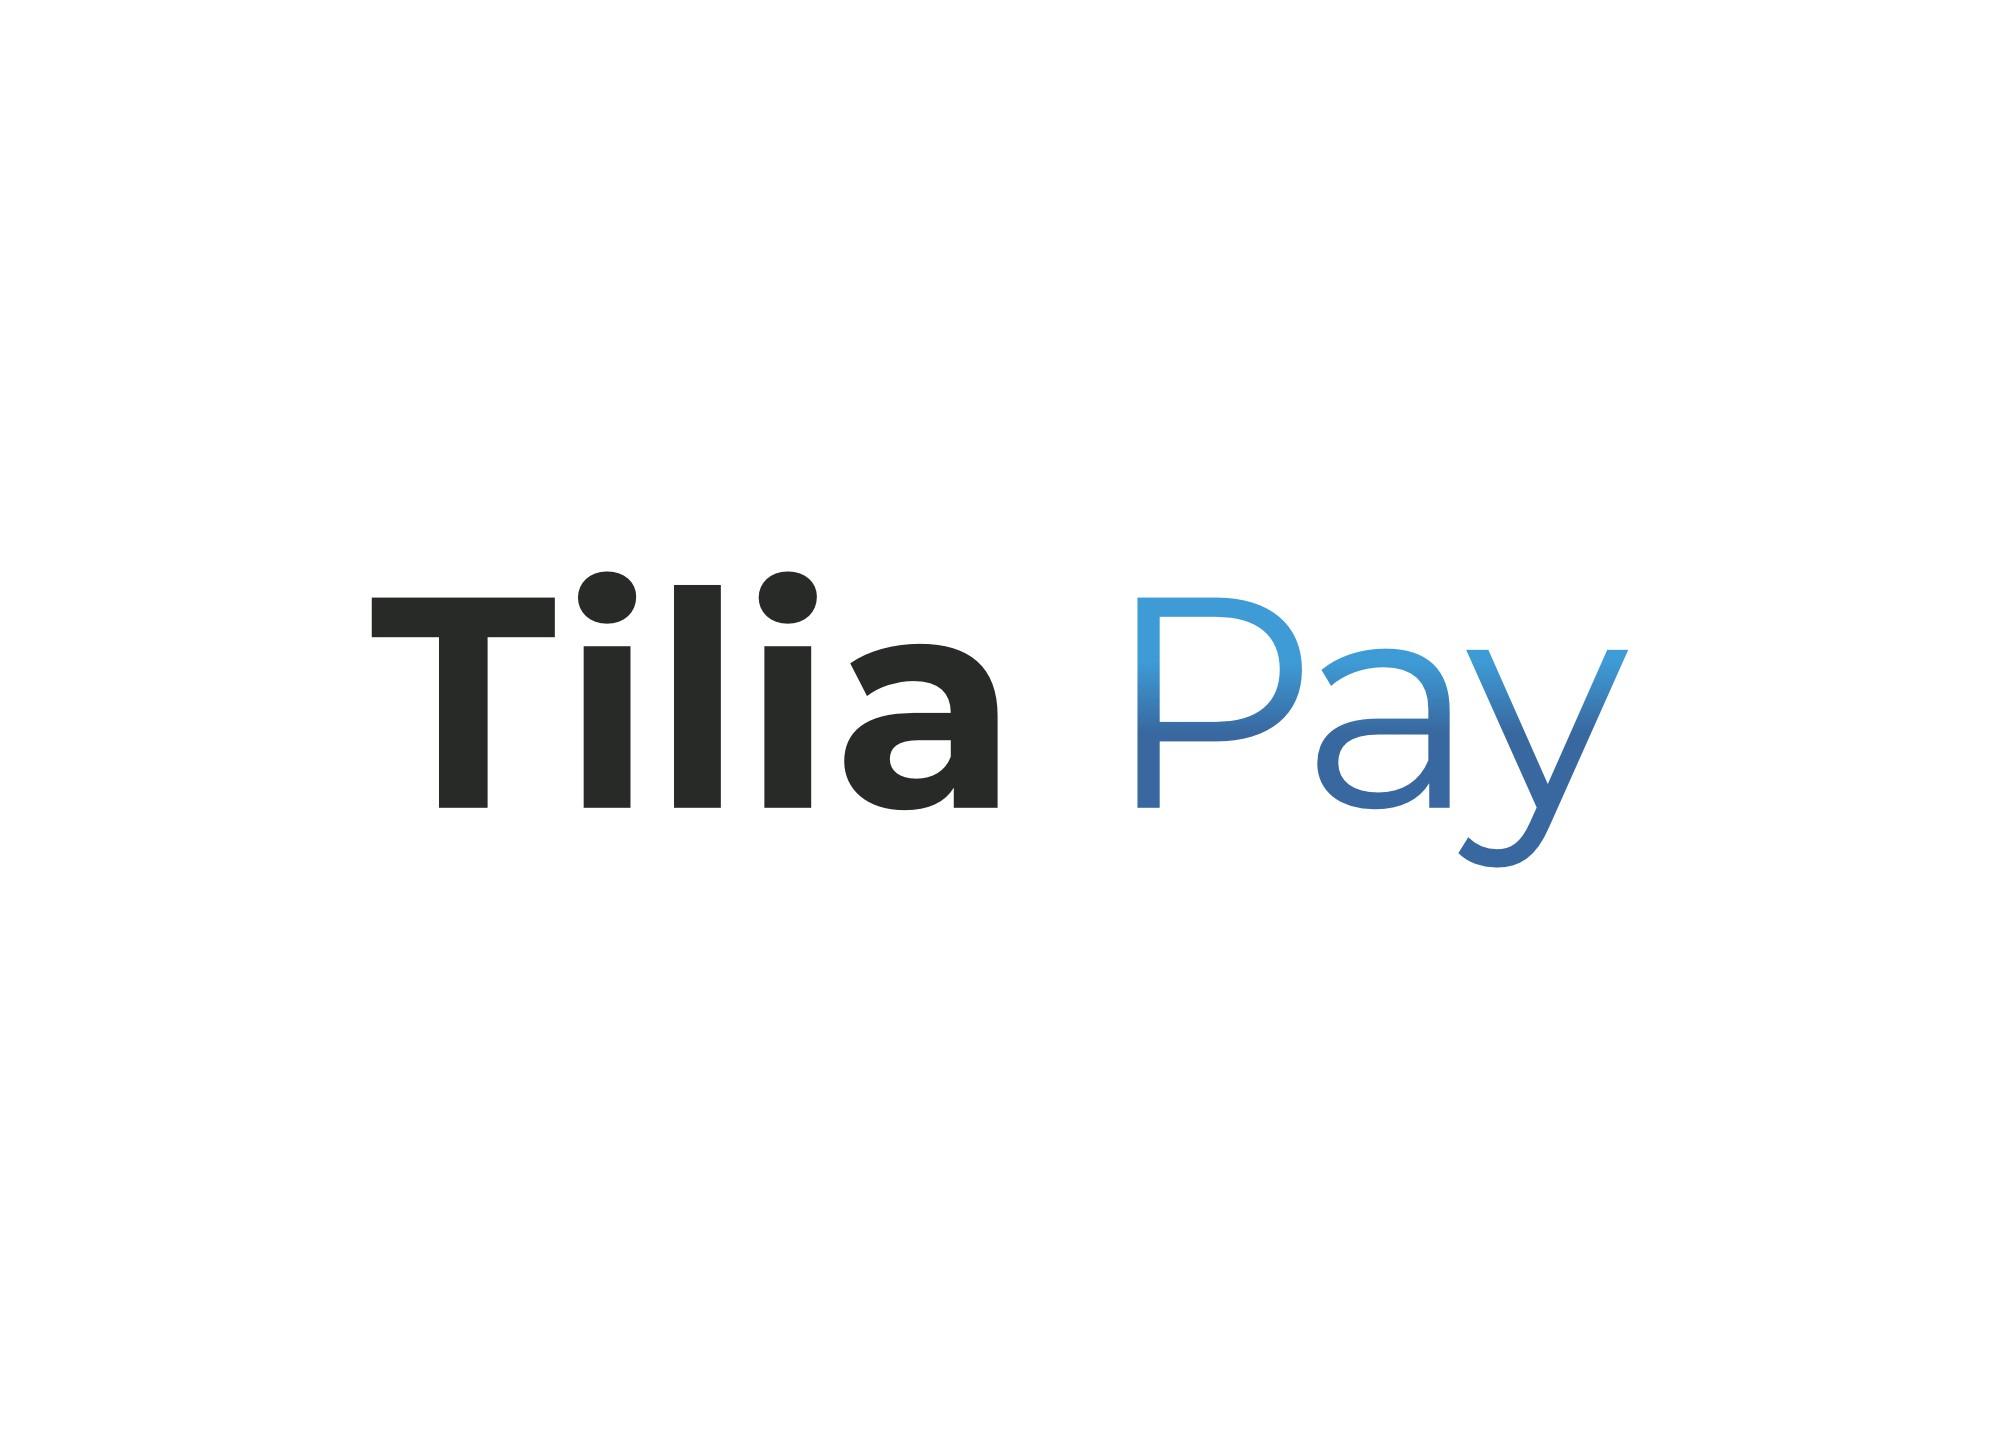 Tilia logo